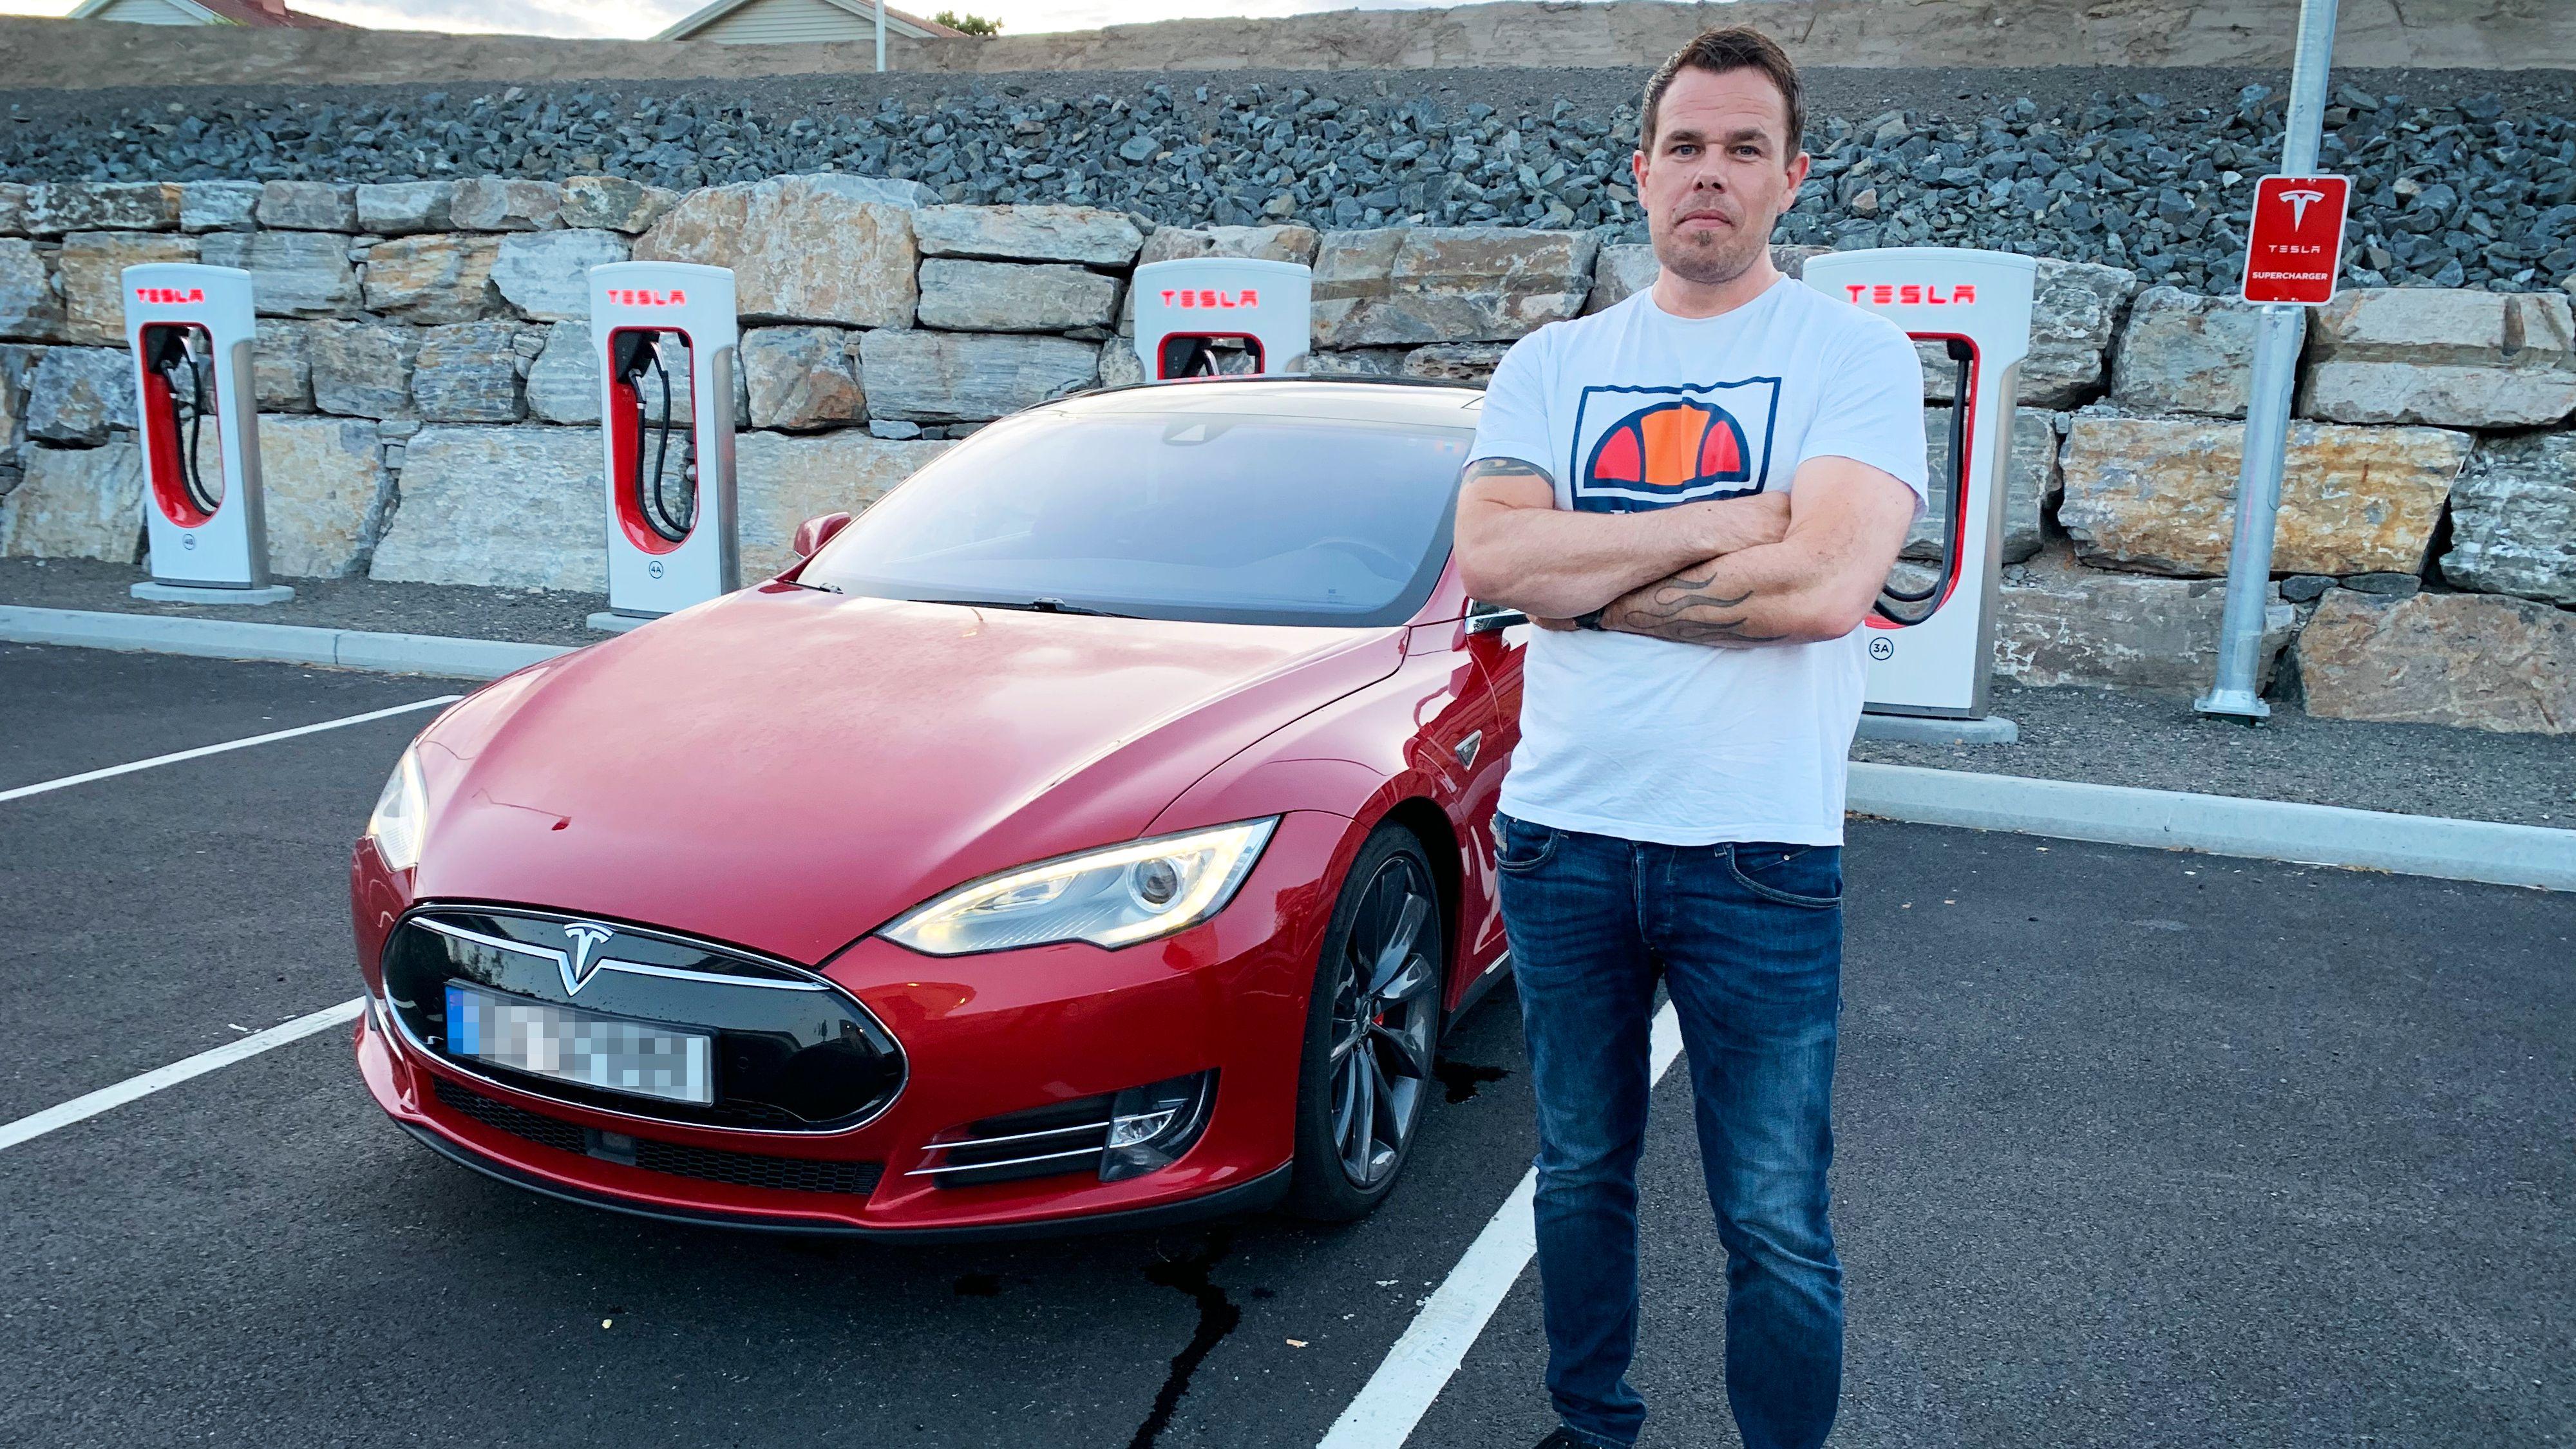 Tesla-eiere raser mot selskapet: Kuttet rekkevidden på bilene deres over natten